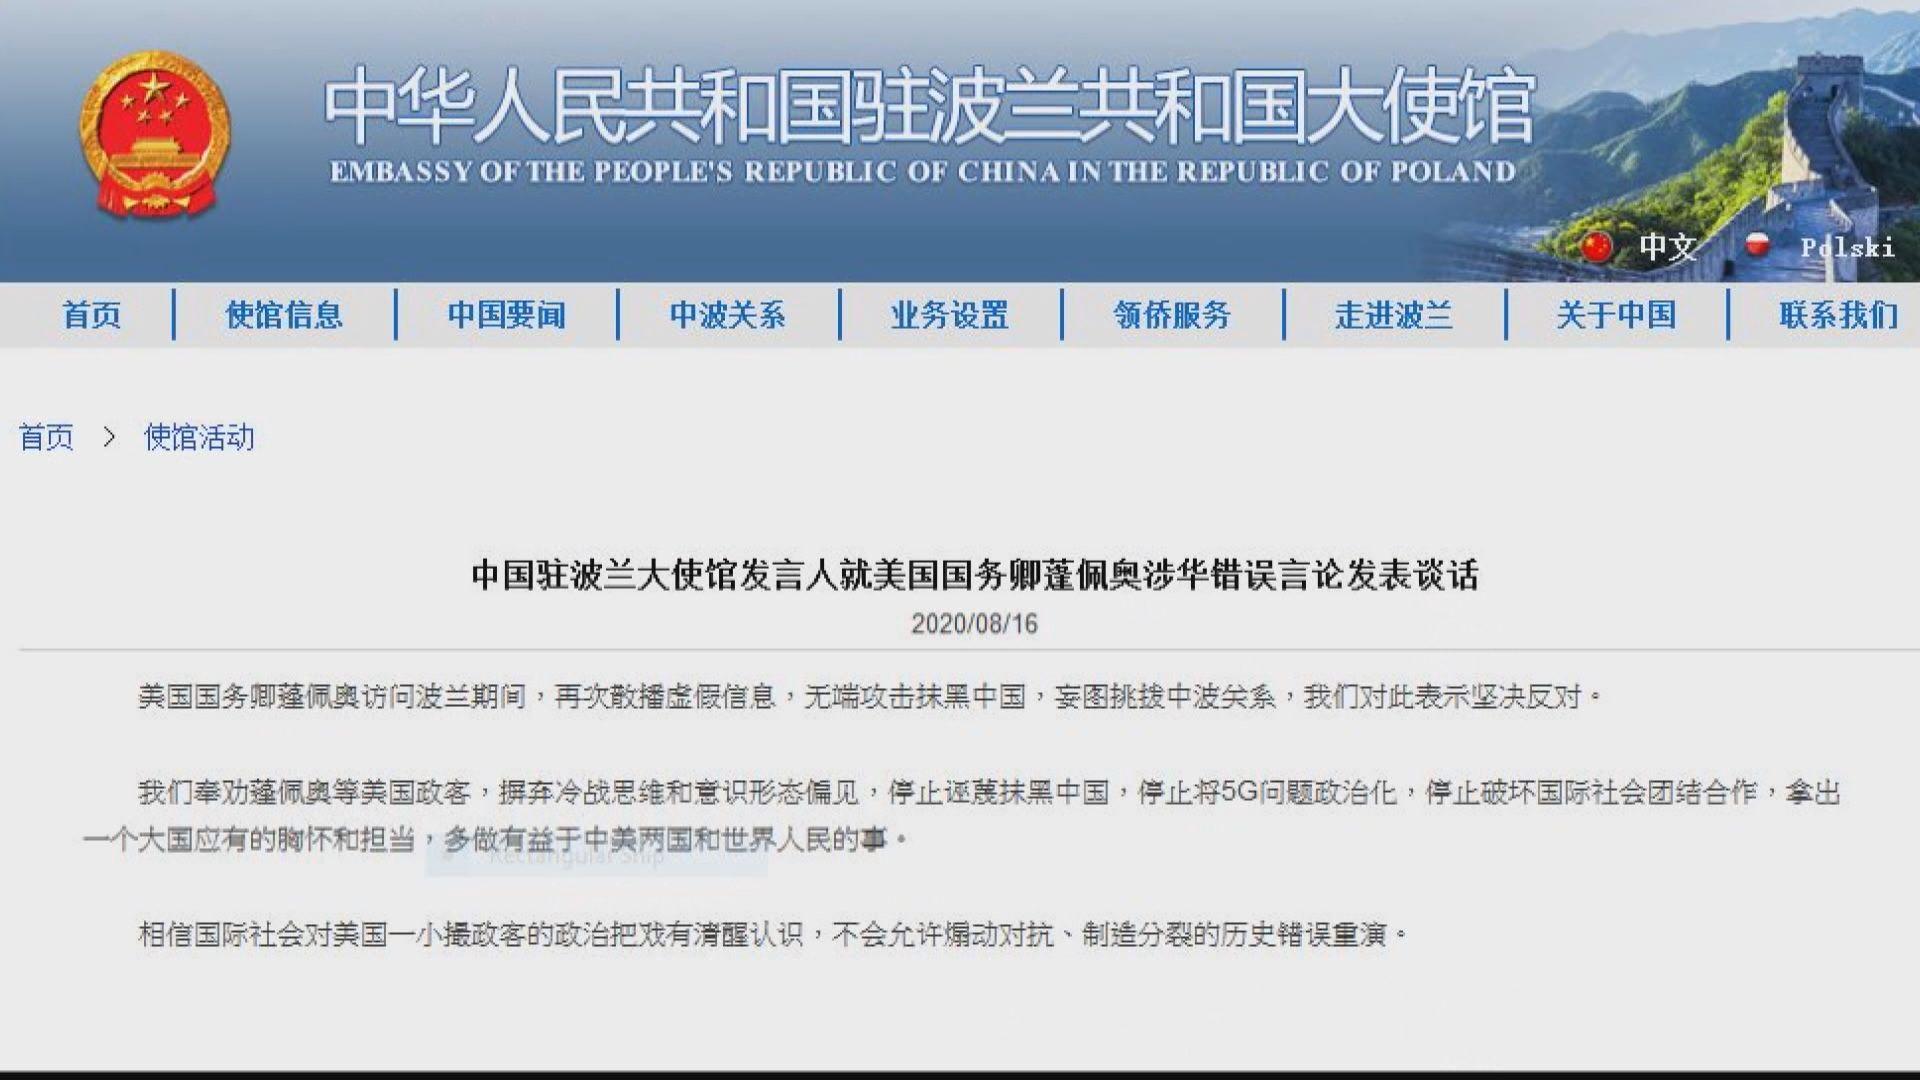 蓬佩奧訪歐籲警惕中俄威脅 中國駐波蘭大使館批其散播假消息